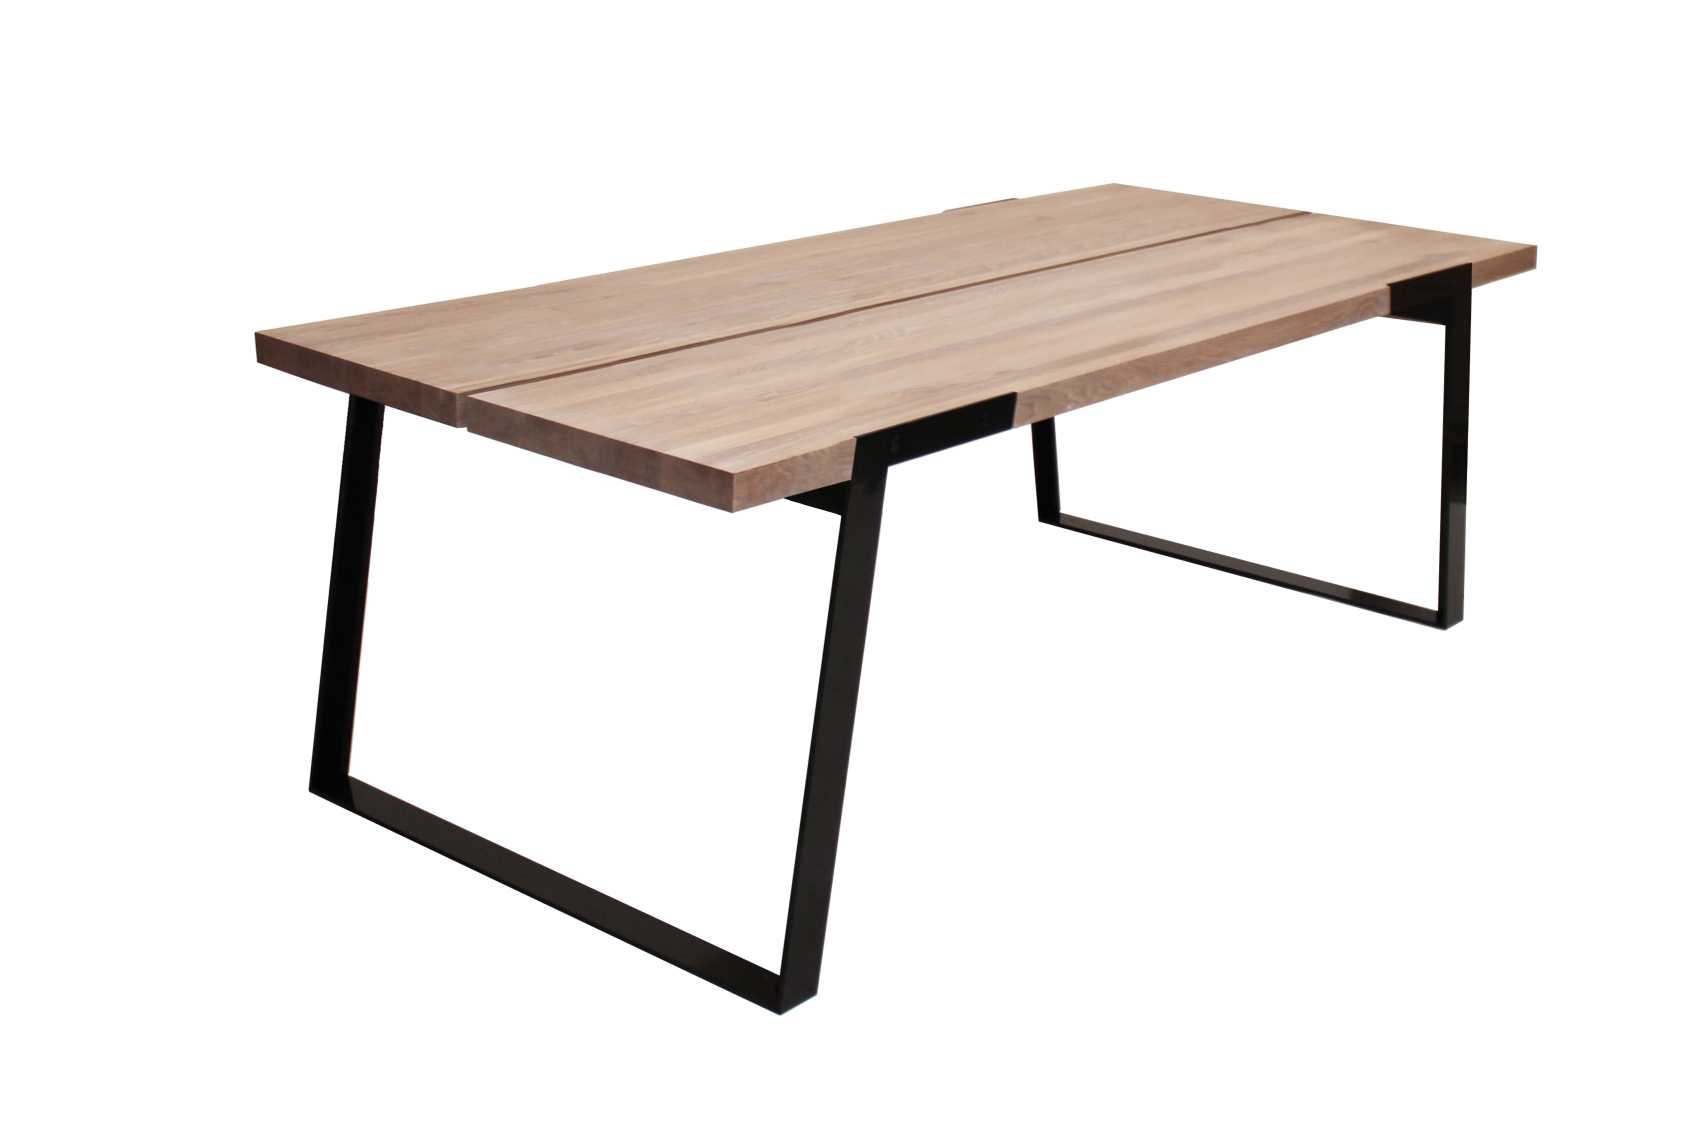 CANETT Zilas plankebord - hvidolieret vildeg og sort metal, m. udtrk (240x100)